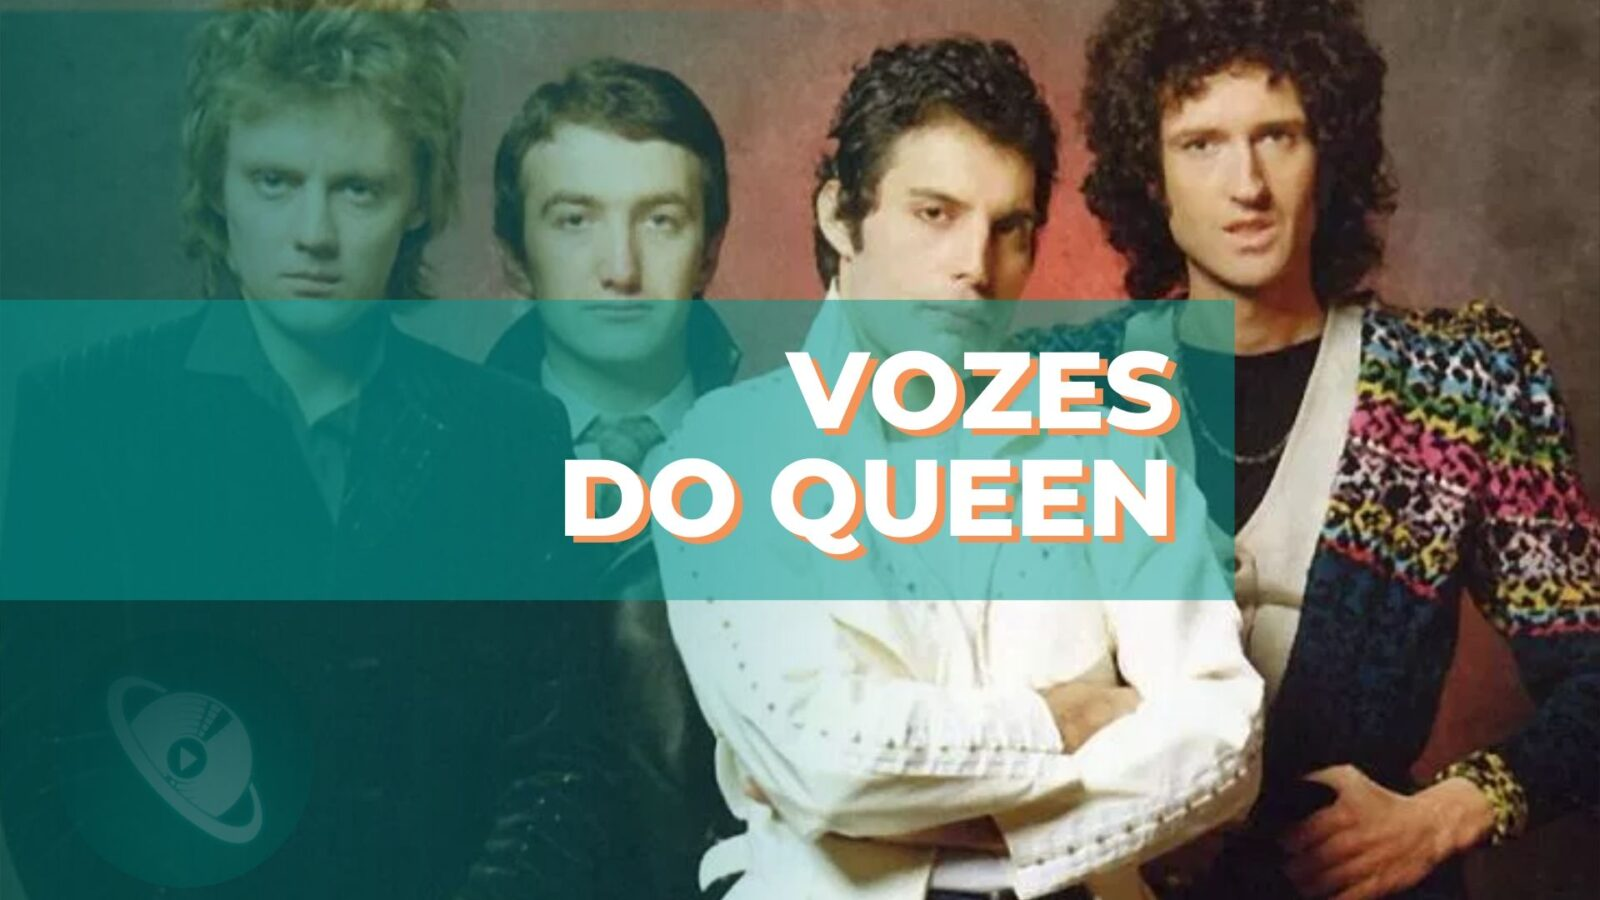 Vozes do Queen - saiba tudo sobre as vozes de uma das maiores bandas da história